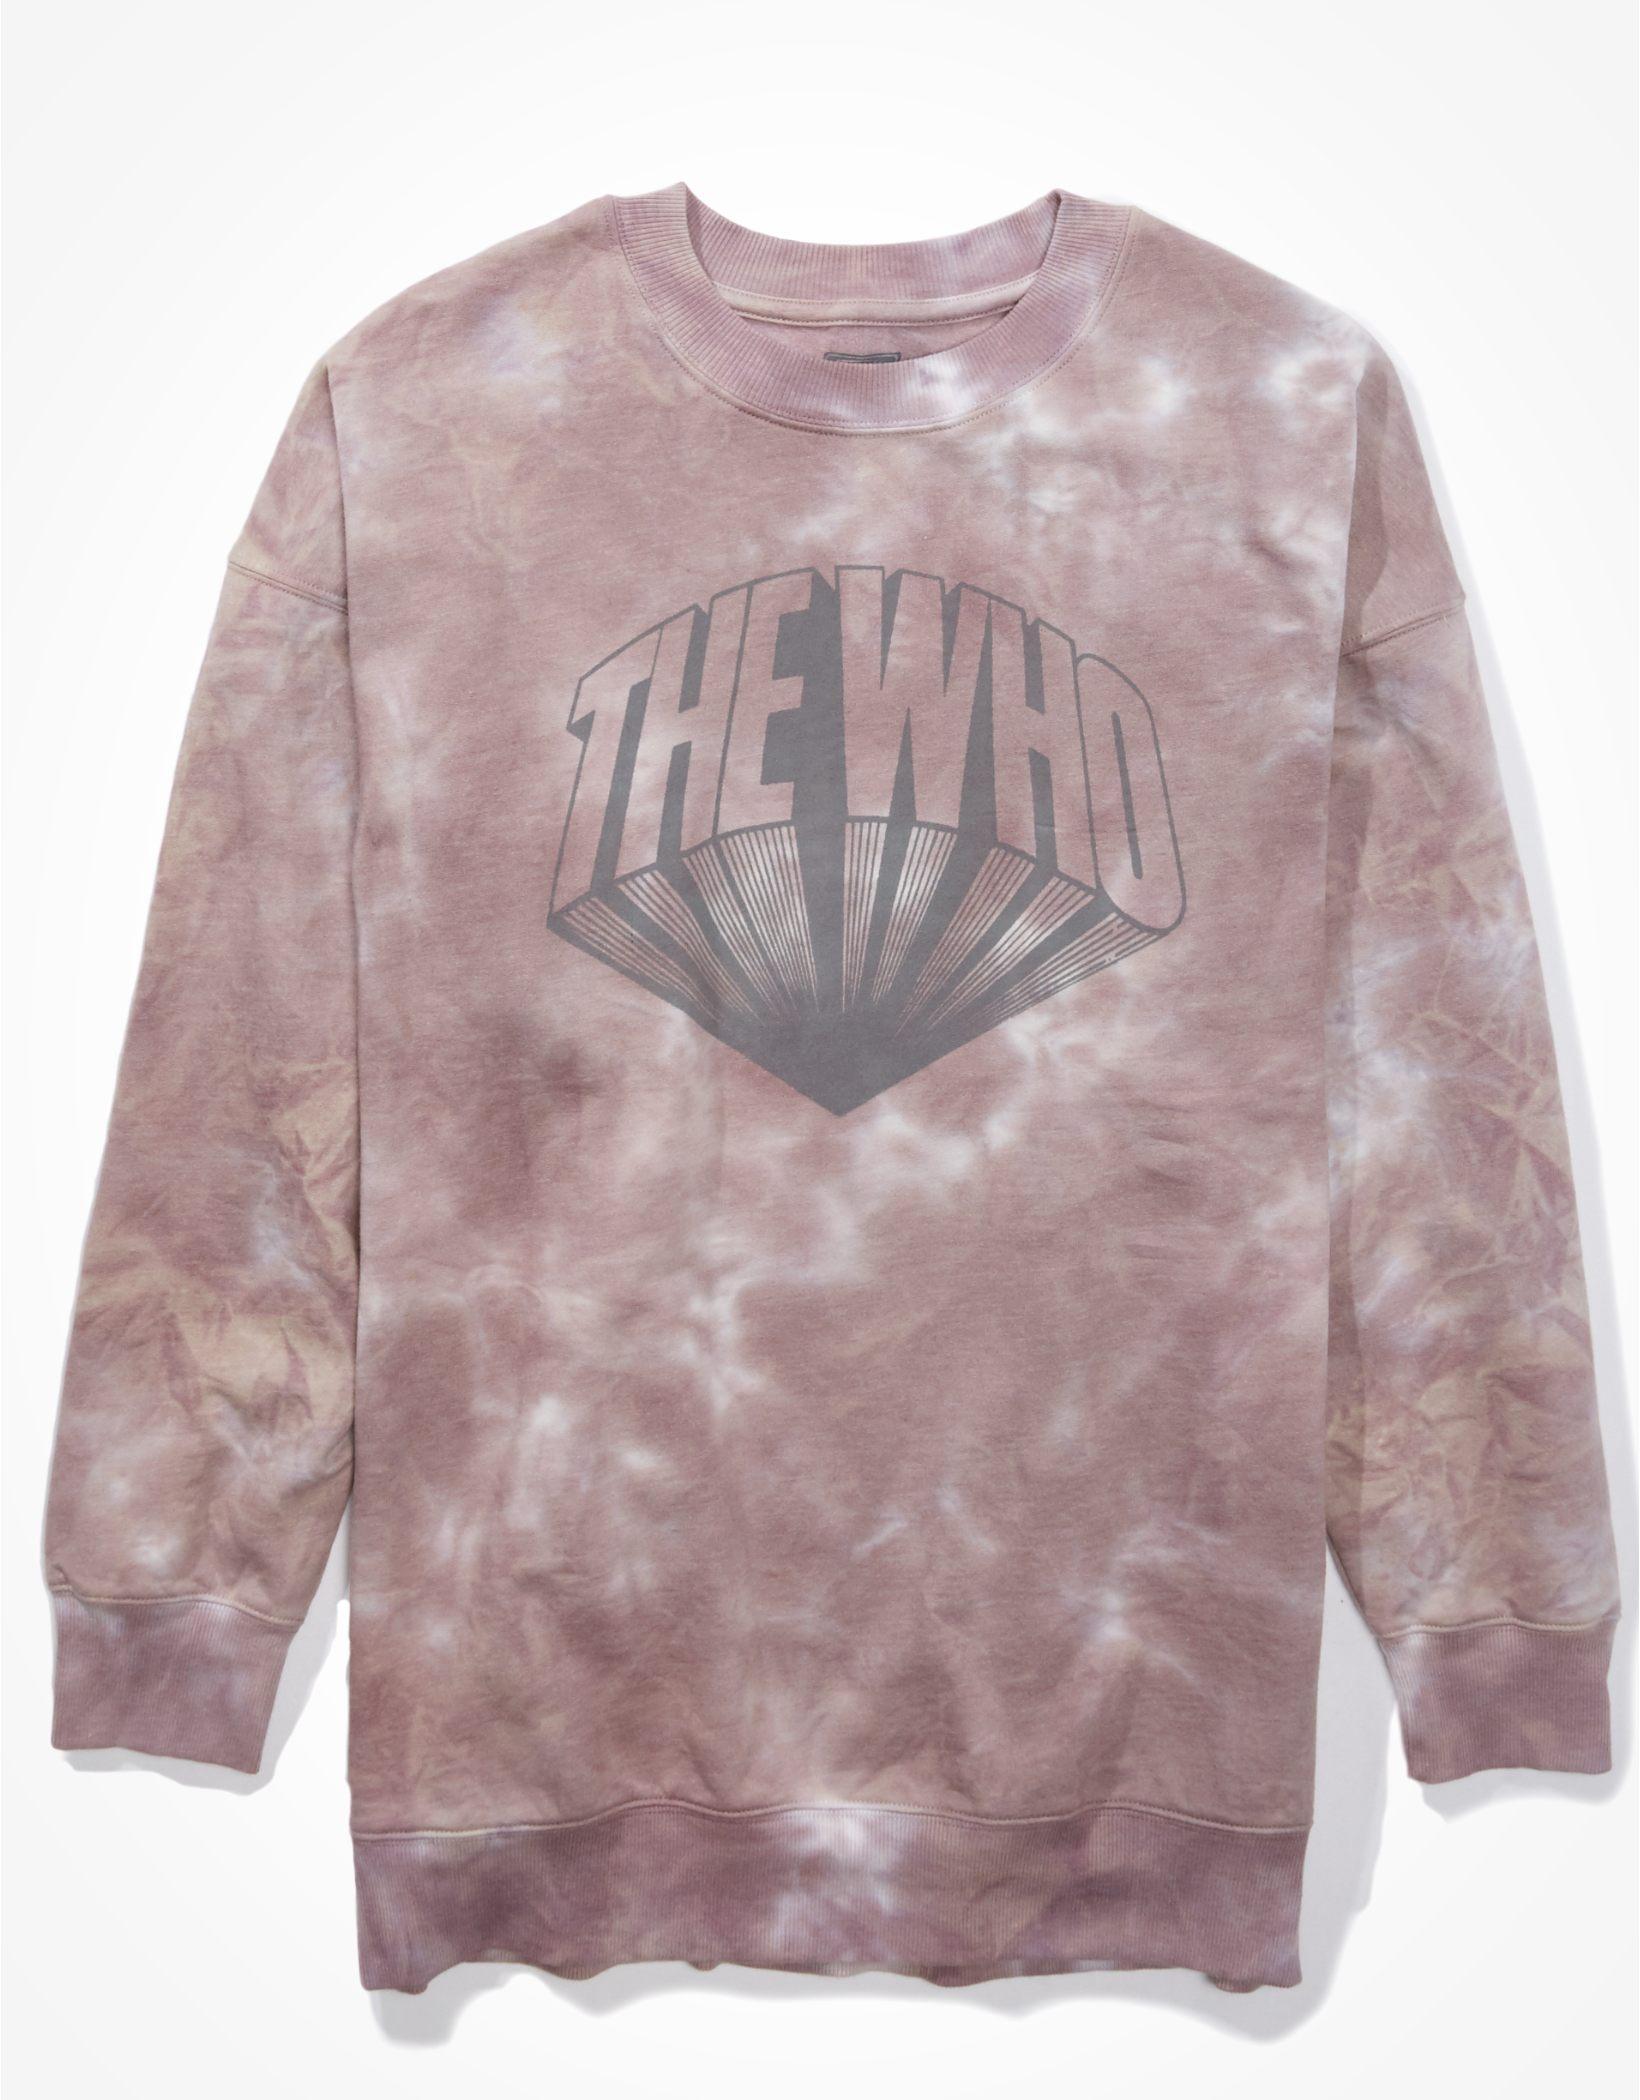 Tailgate Women's Oversized The Who Graphic Sweatshirt